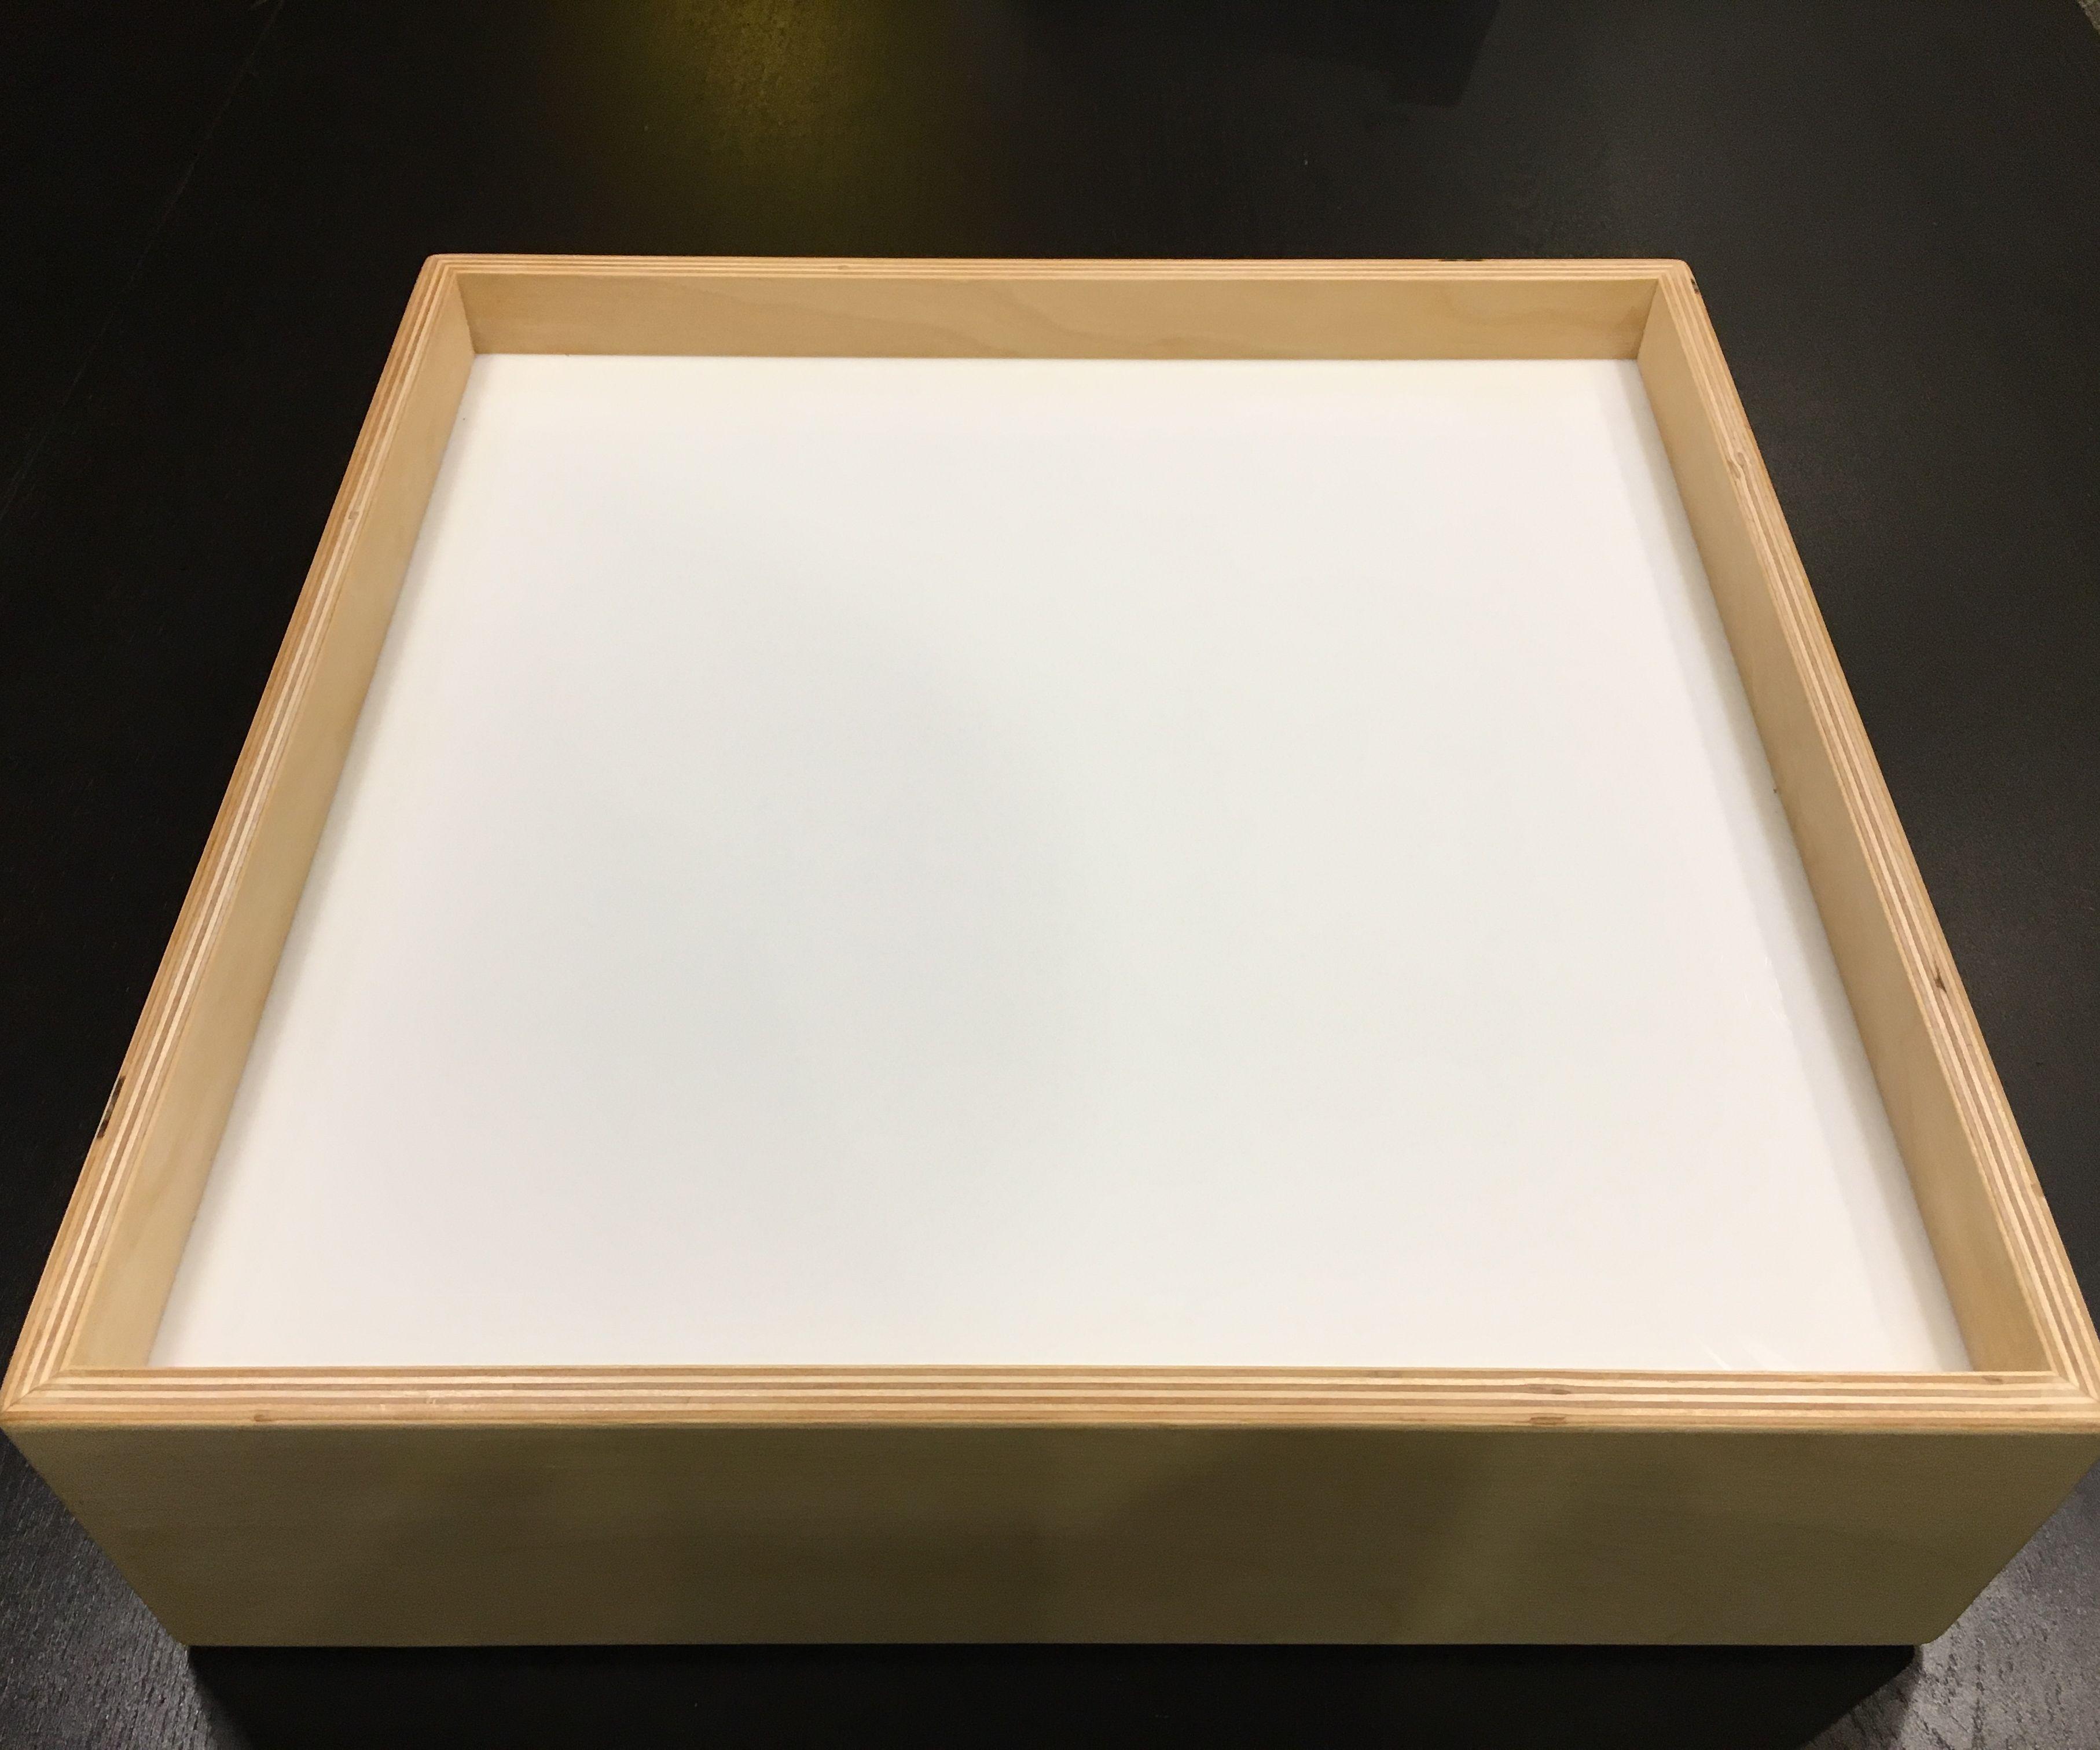 DIY Ligthbox / Light Table